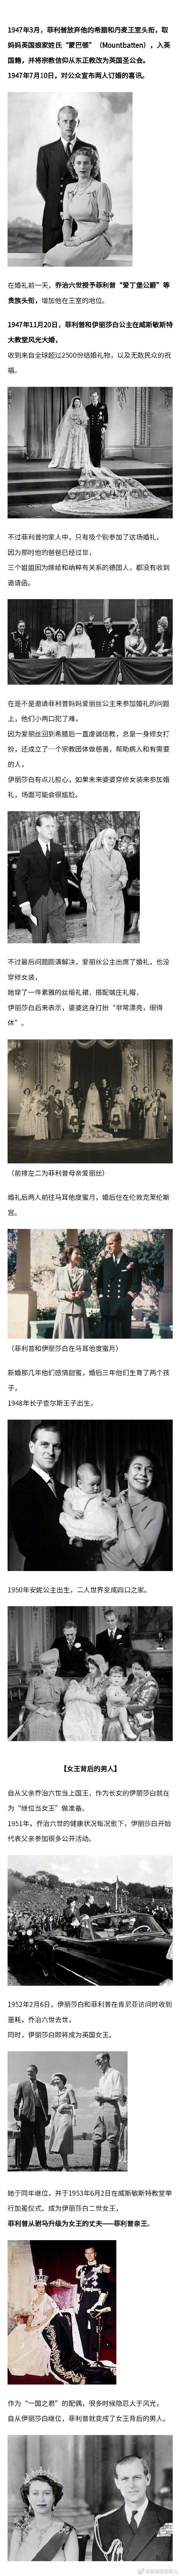 英国女王的丈夫,菲利普亲王去世